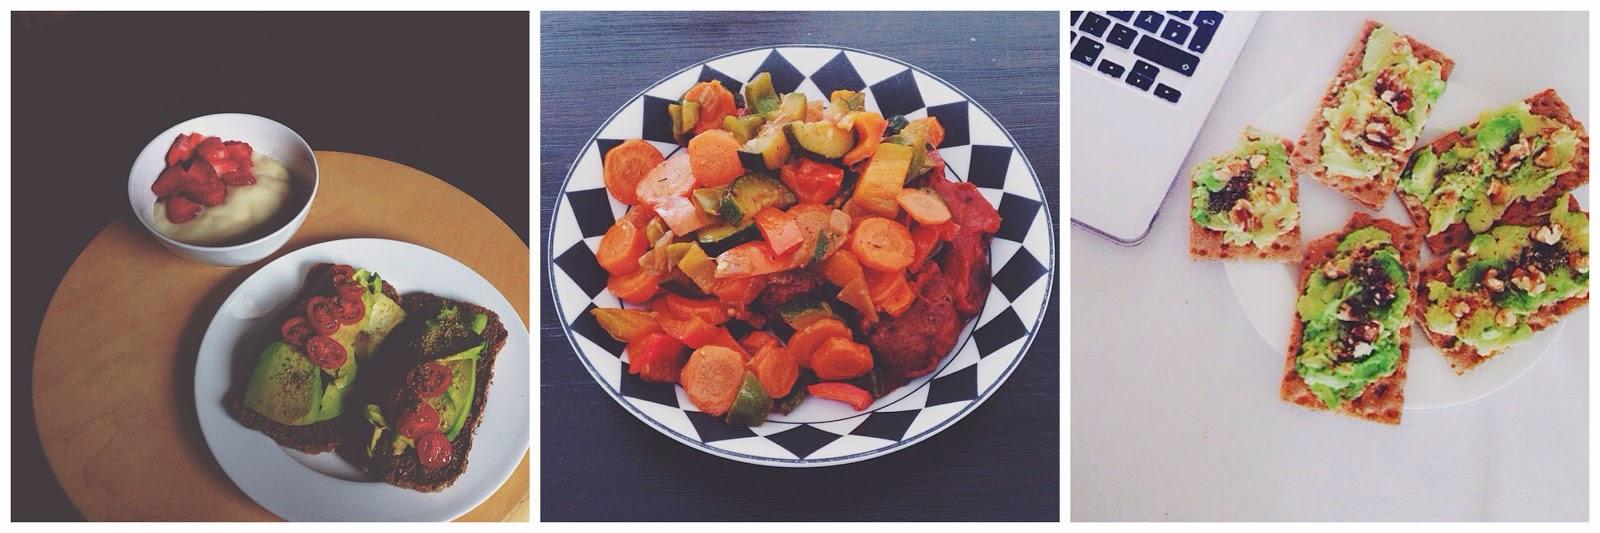 Instagram ohne Foodporn ist unvorstellbar!